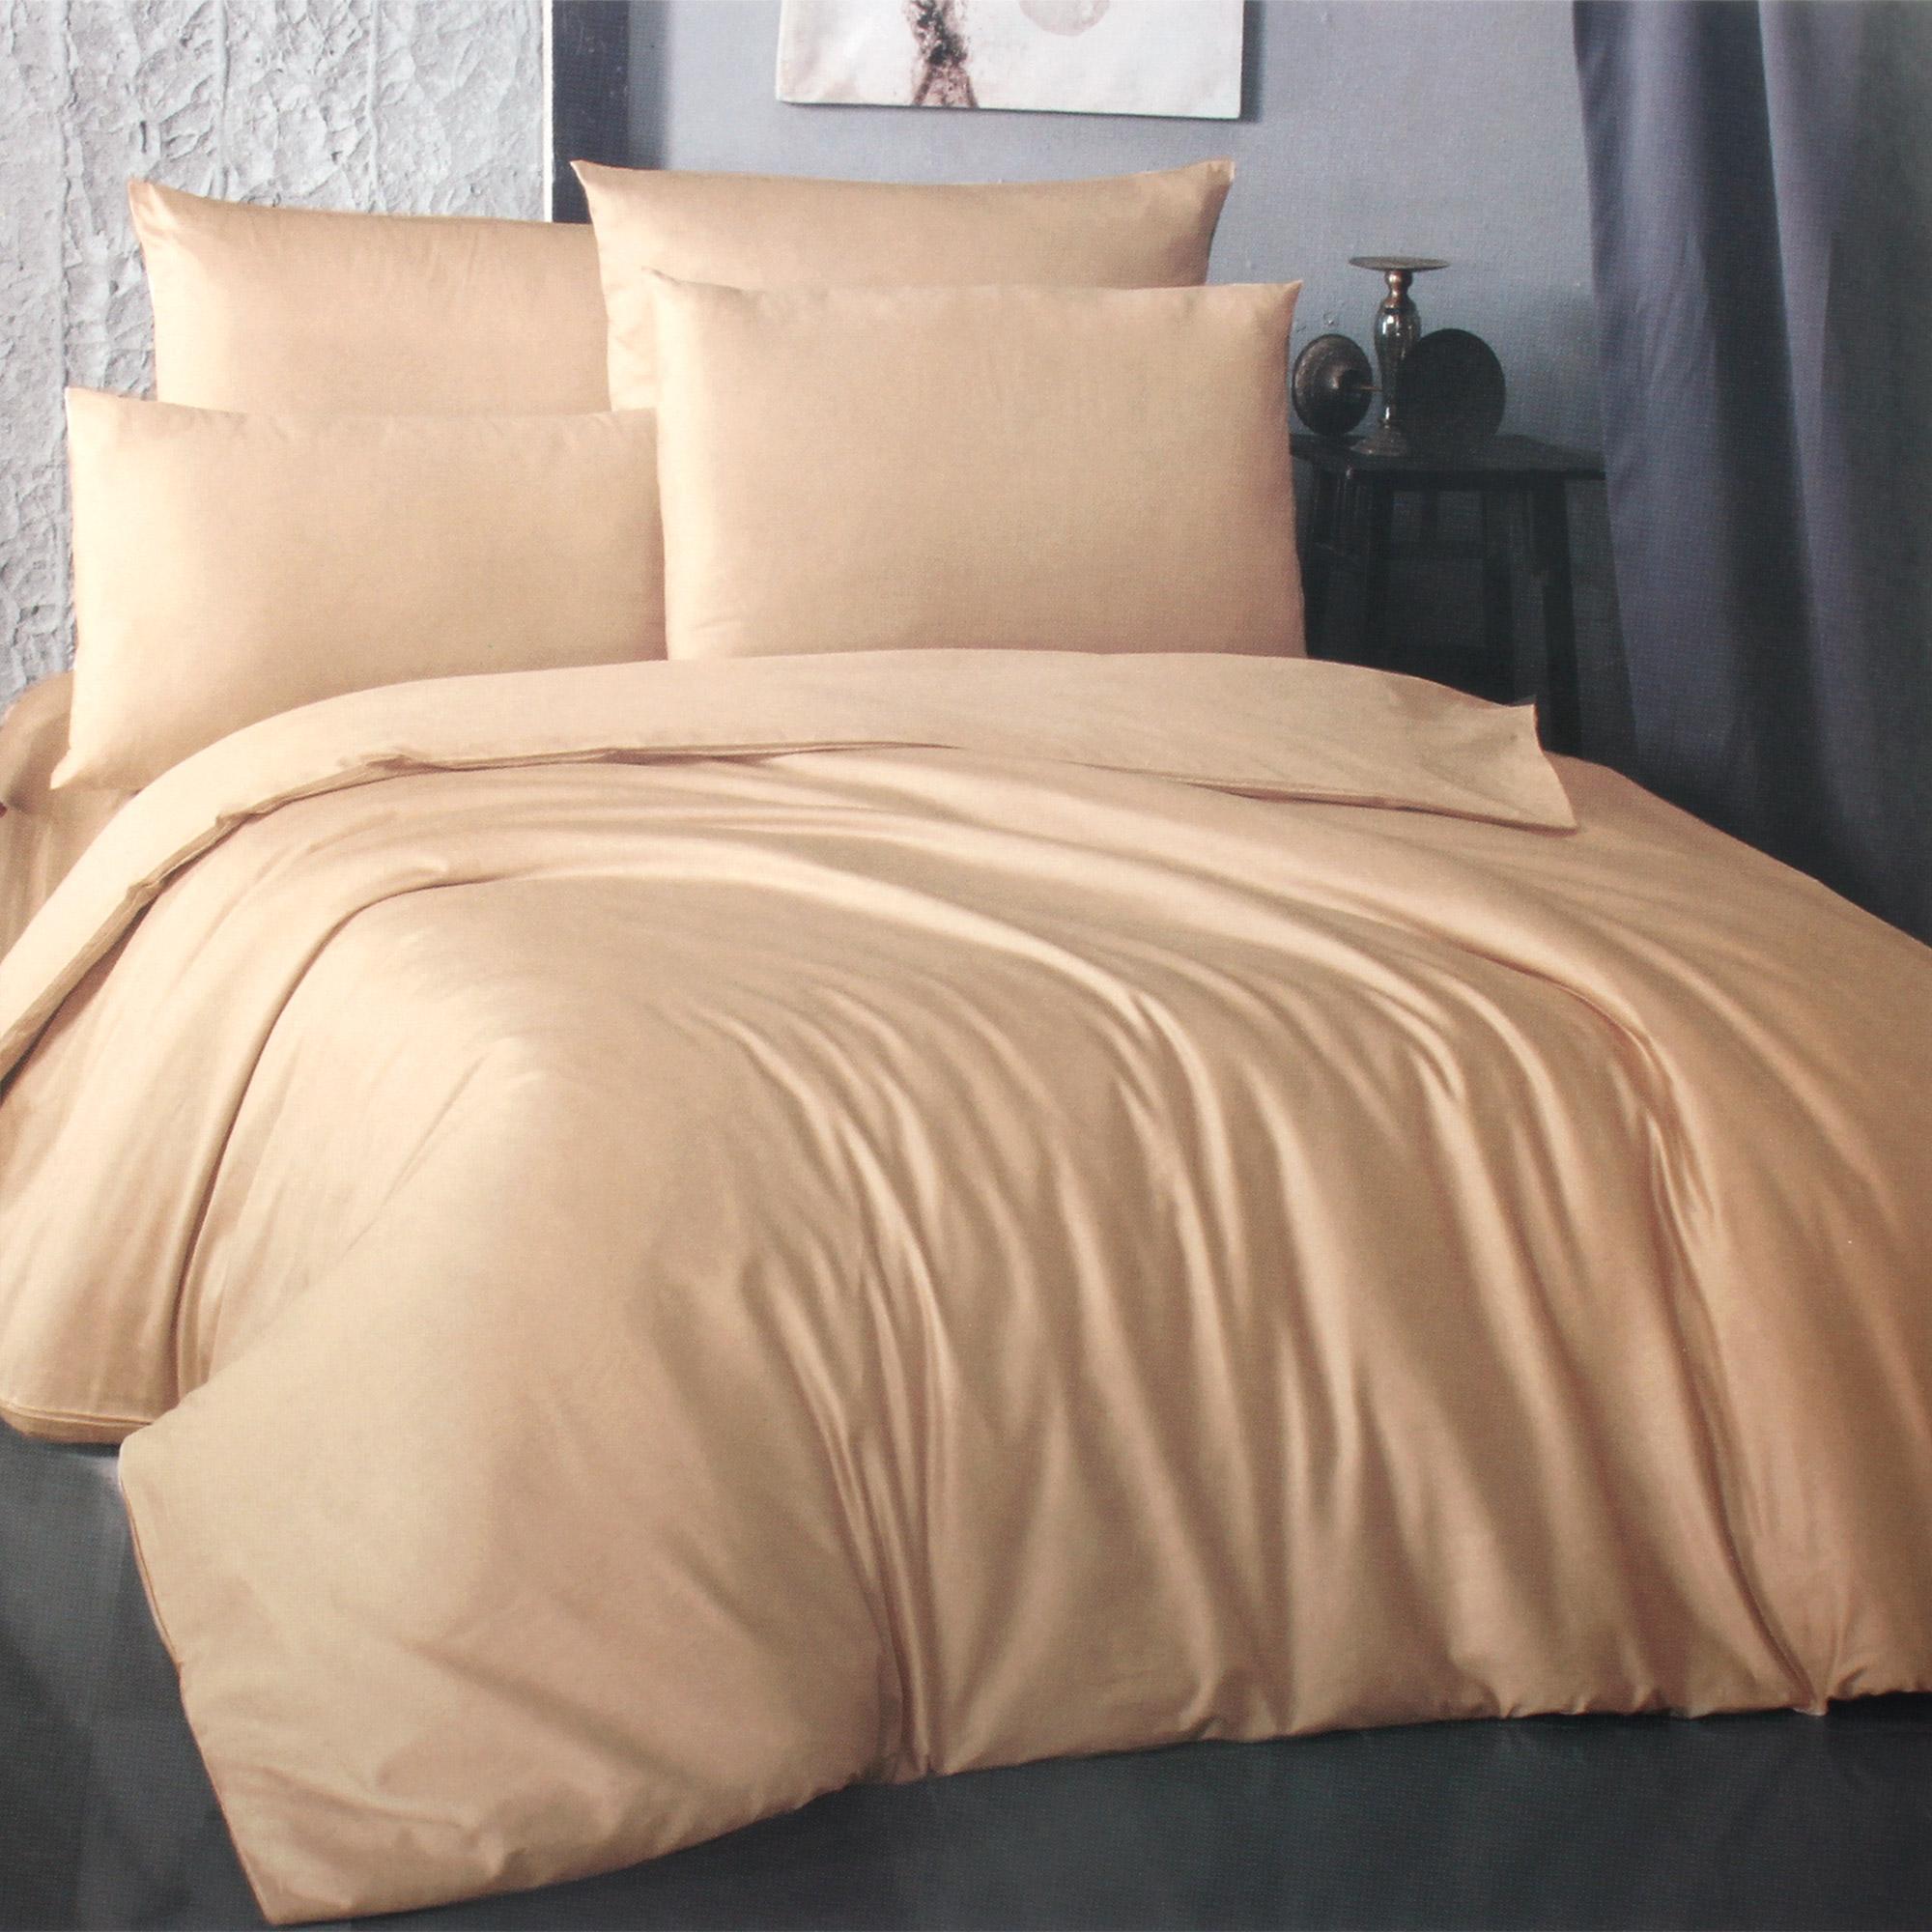 Фото - Комплект постельного белья La Besse Ранфорс бежевый Евро комплект постельного белья la besse ранфорс тёмно серый евро